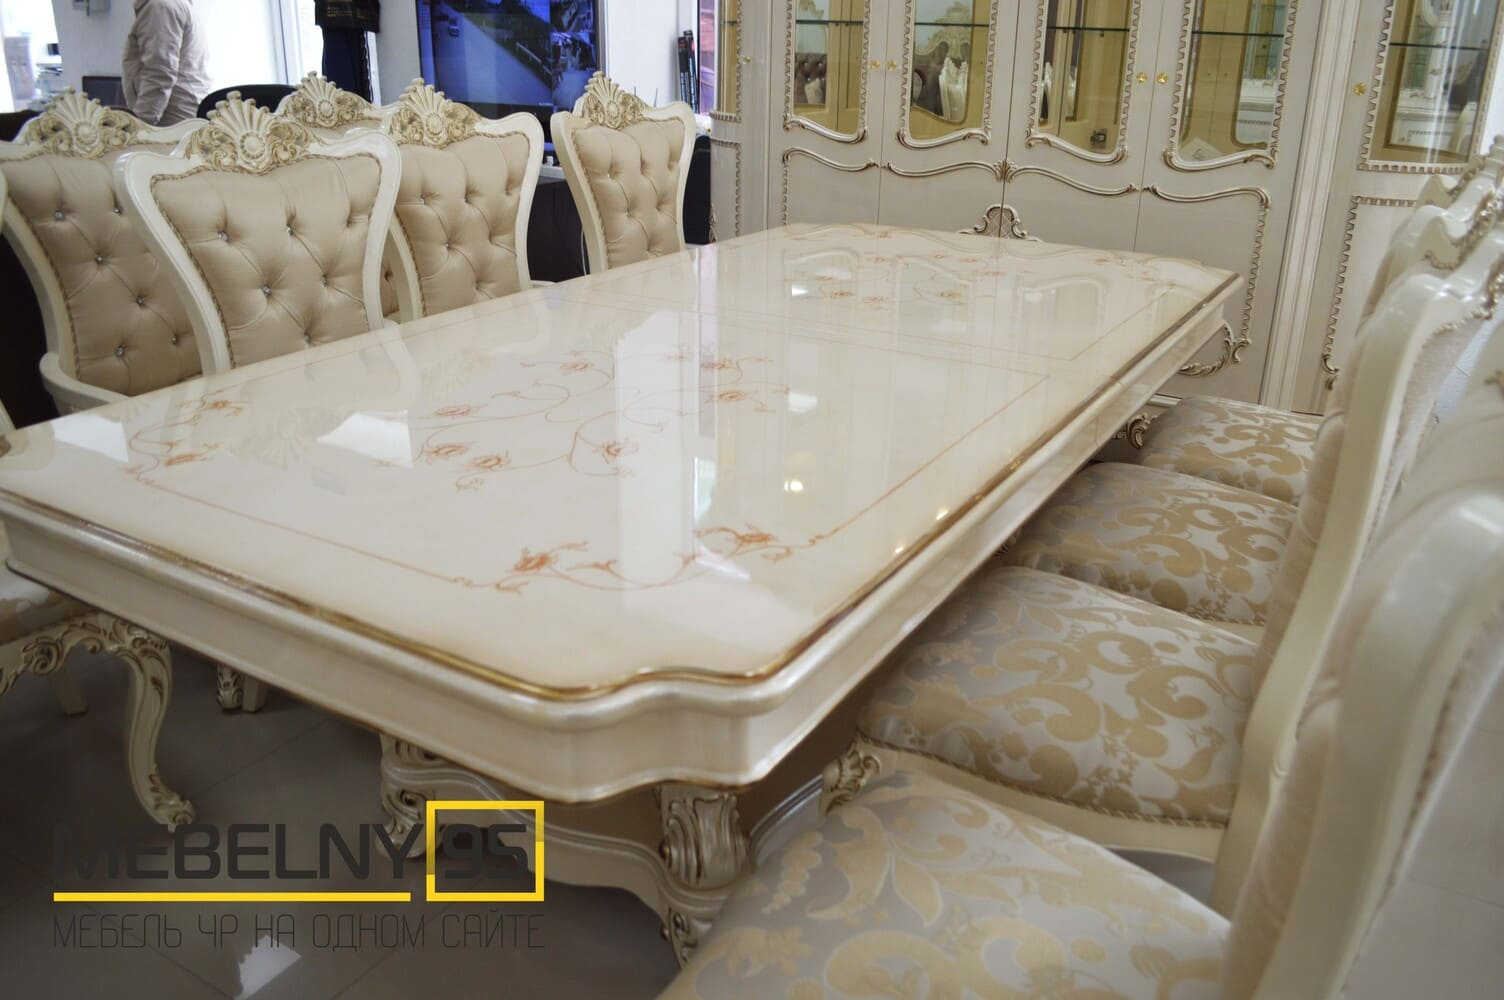 Гостиная мебель - изображение №4 на mebelny95.ru